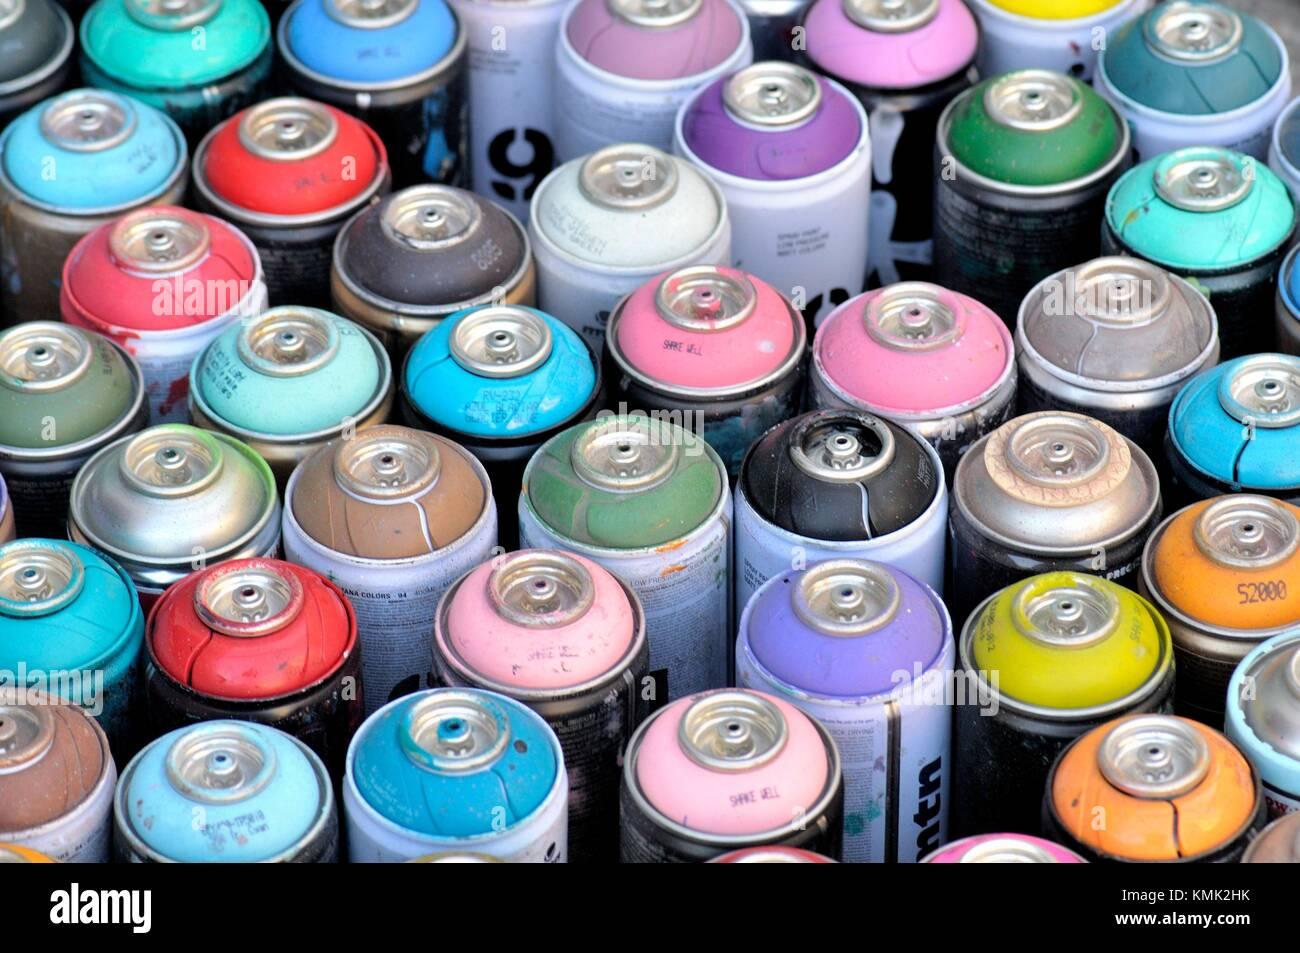 Spraydosen Farben.Aerosol Spraydosen Farbe Sprays Barcelona Katalonien